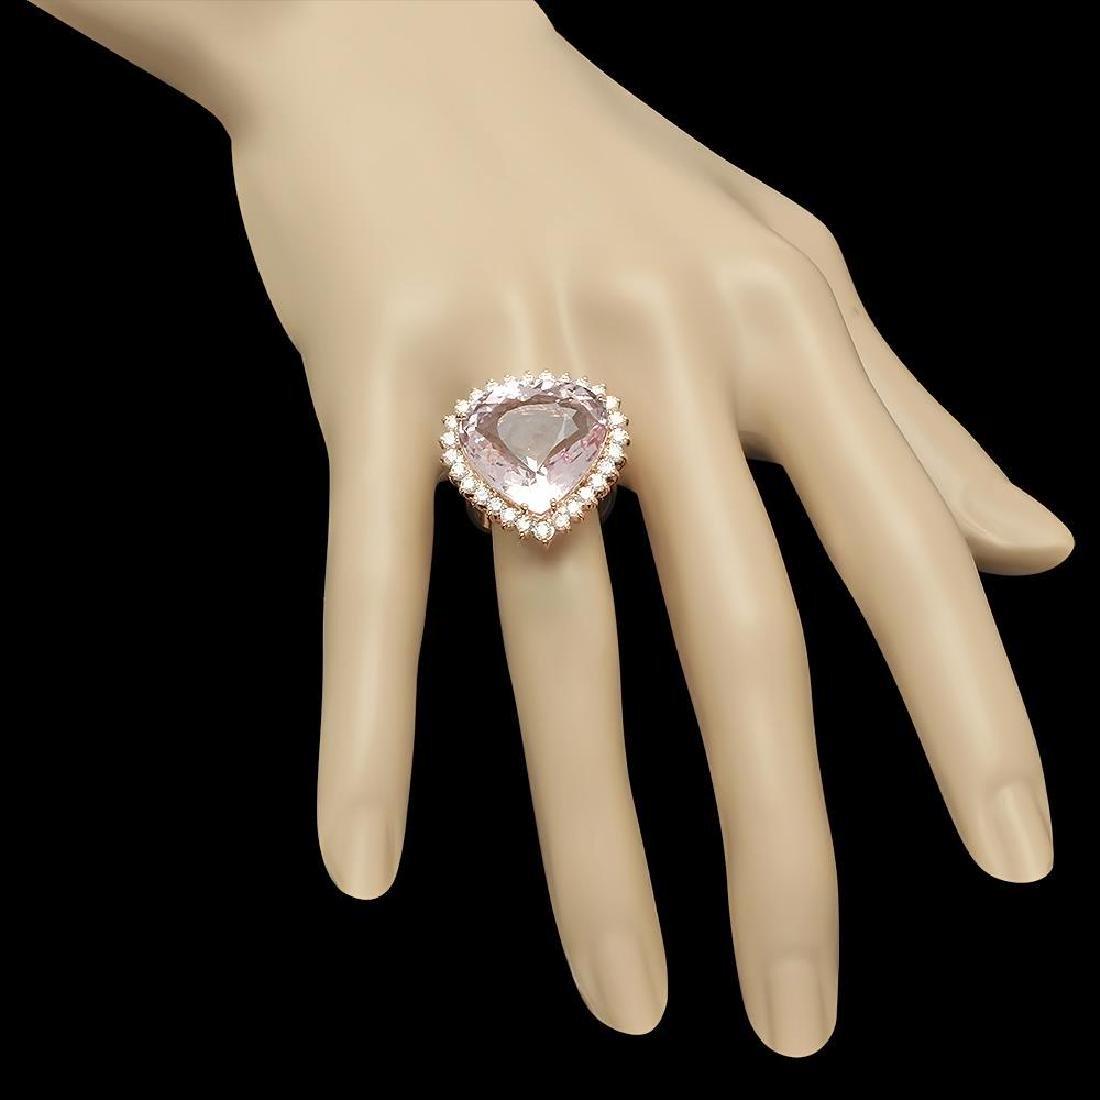 14K Gold 17.17ct Kunzite 1.21ct Diamond Ring - 3